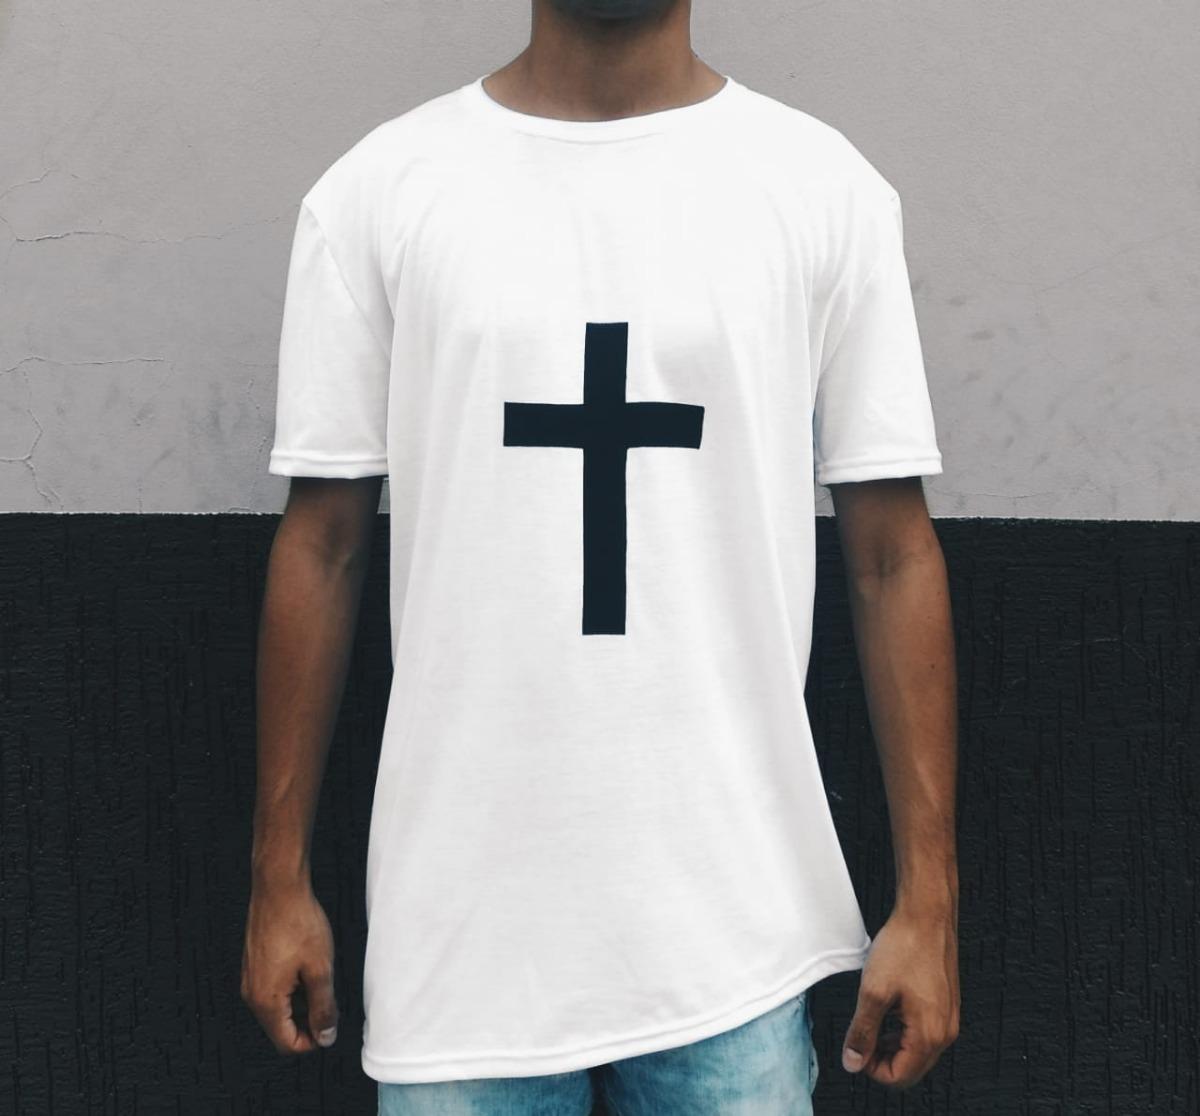 cfcb5189b camiseta oversized camisa longline blusa swag cruz promoção. Carregando  zoom.